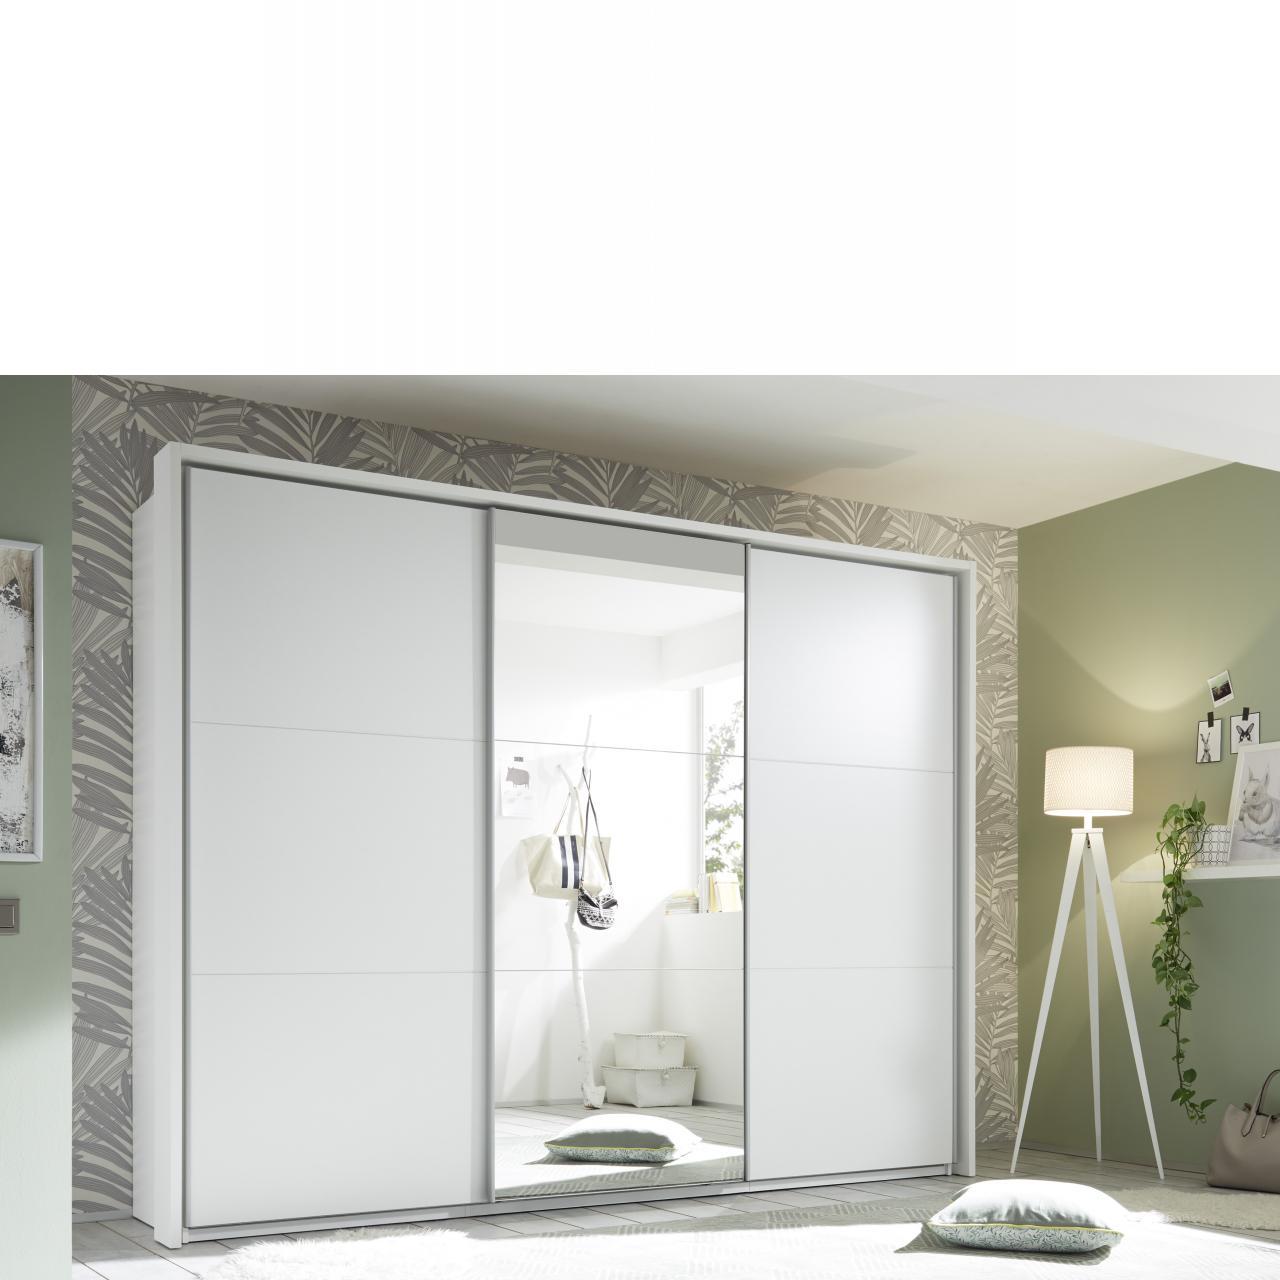 Schwebetürenschrank Bravo 270x210x60 cm, weiß, Spiegel, Schlafzimmer, Stauraum